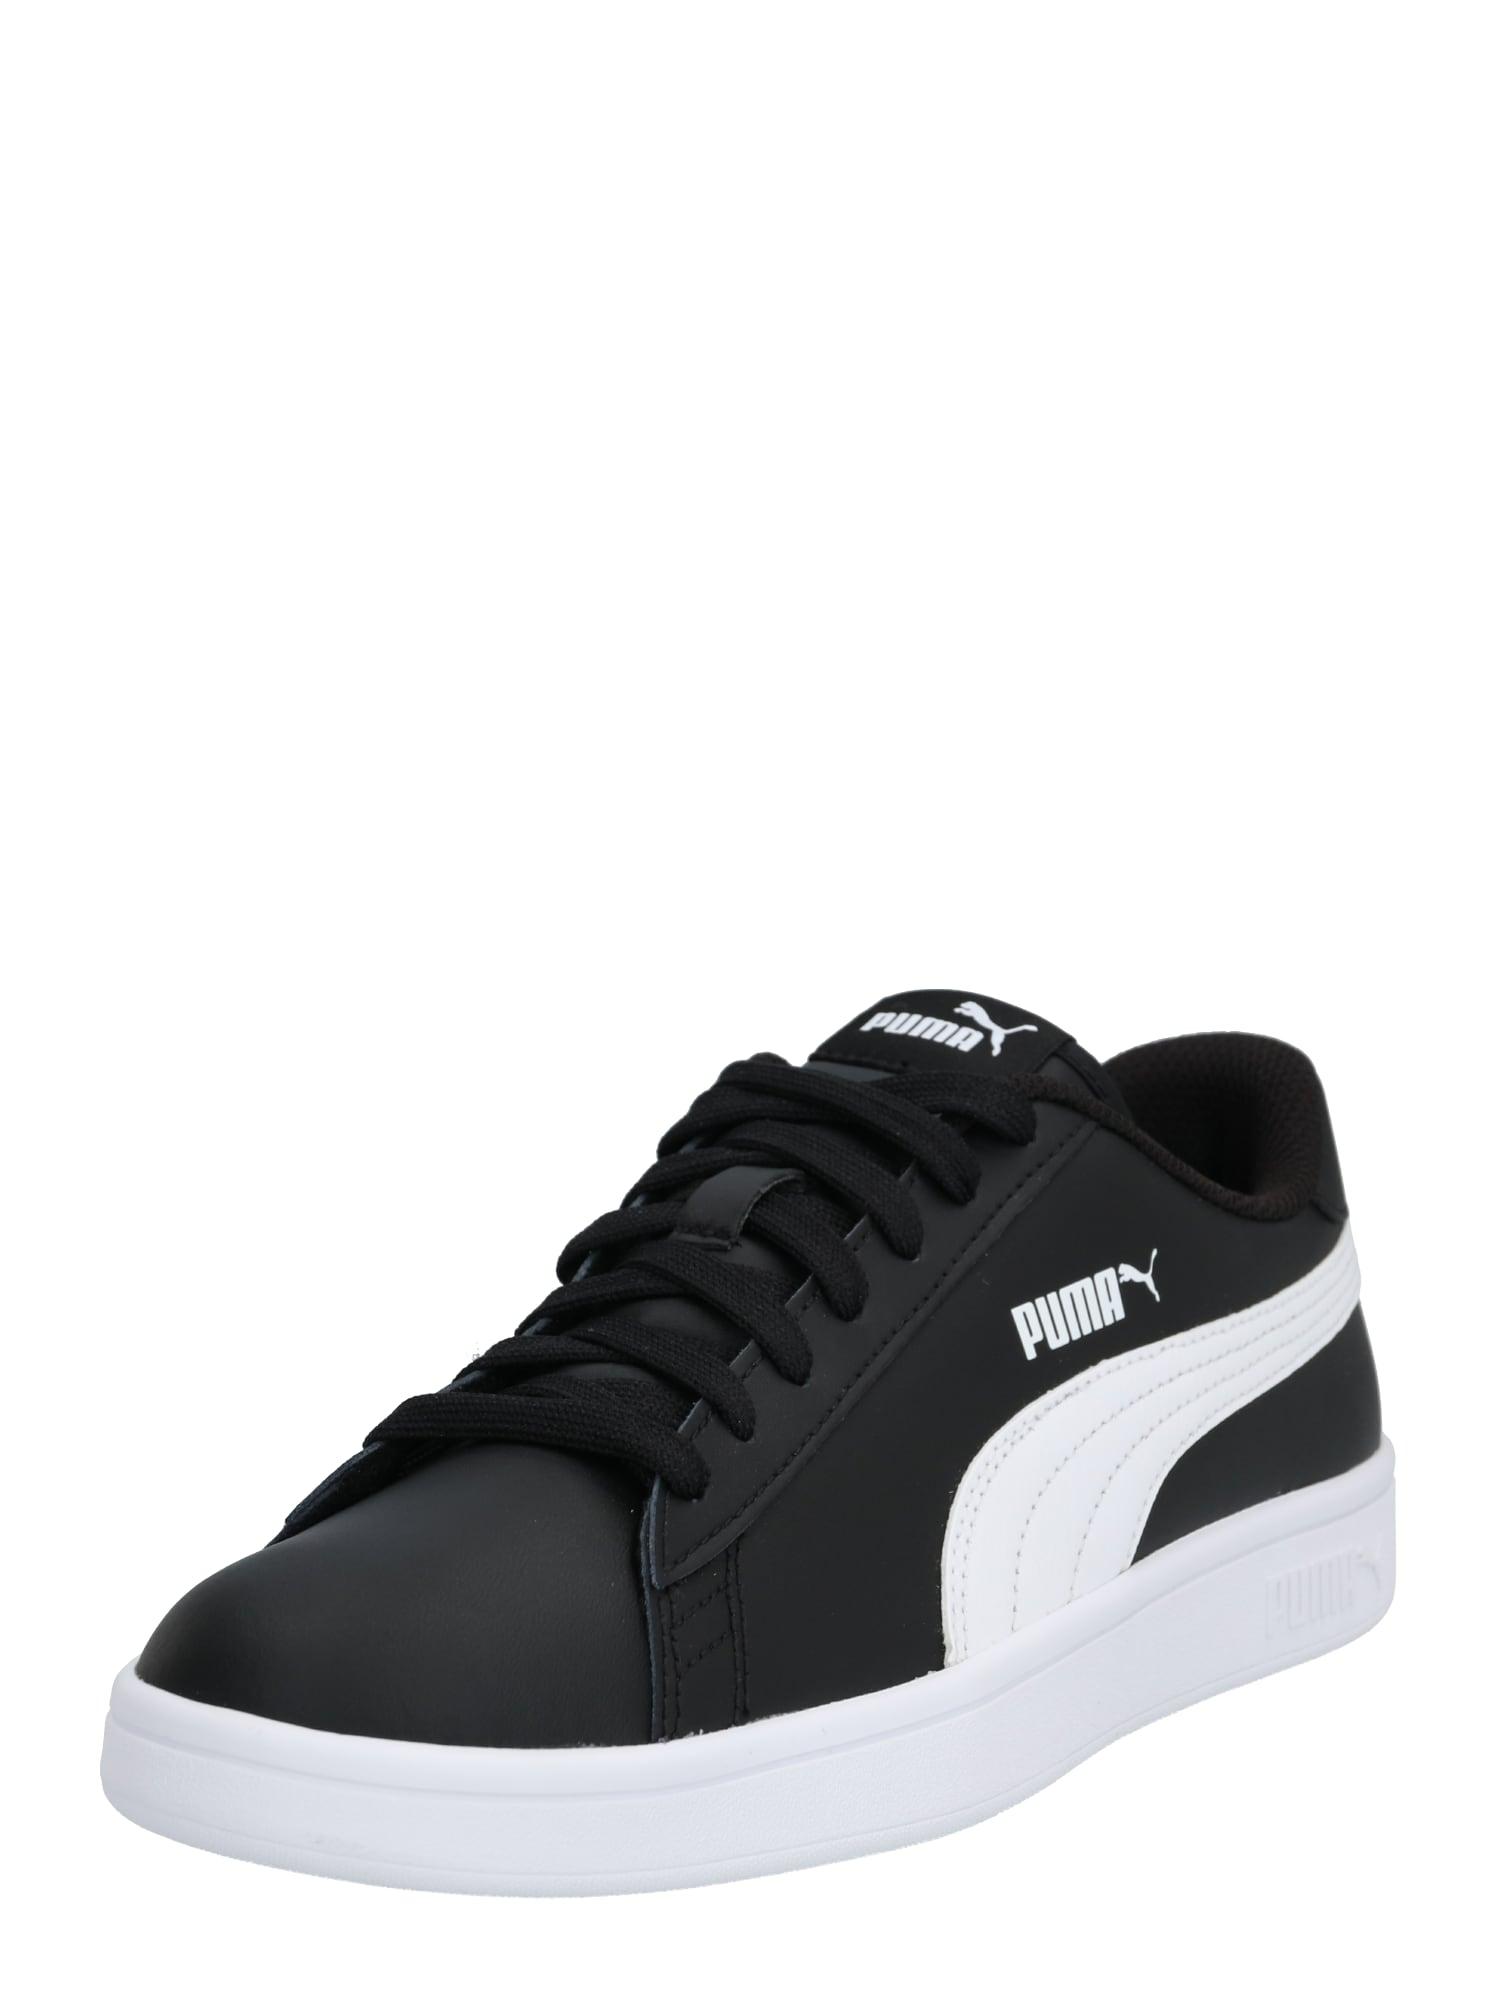 PUMA Sneaker bassa 'Smash v2 L M'  nero / bianco male shop the look